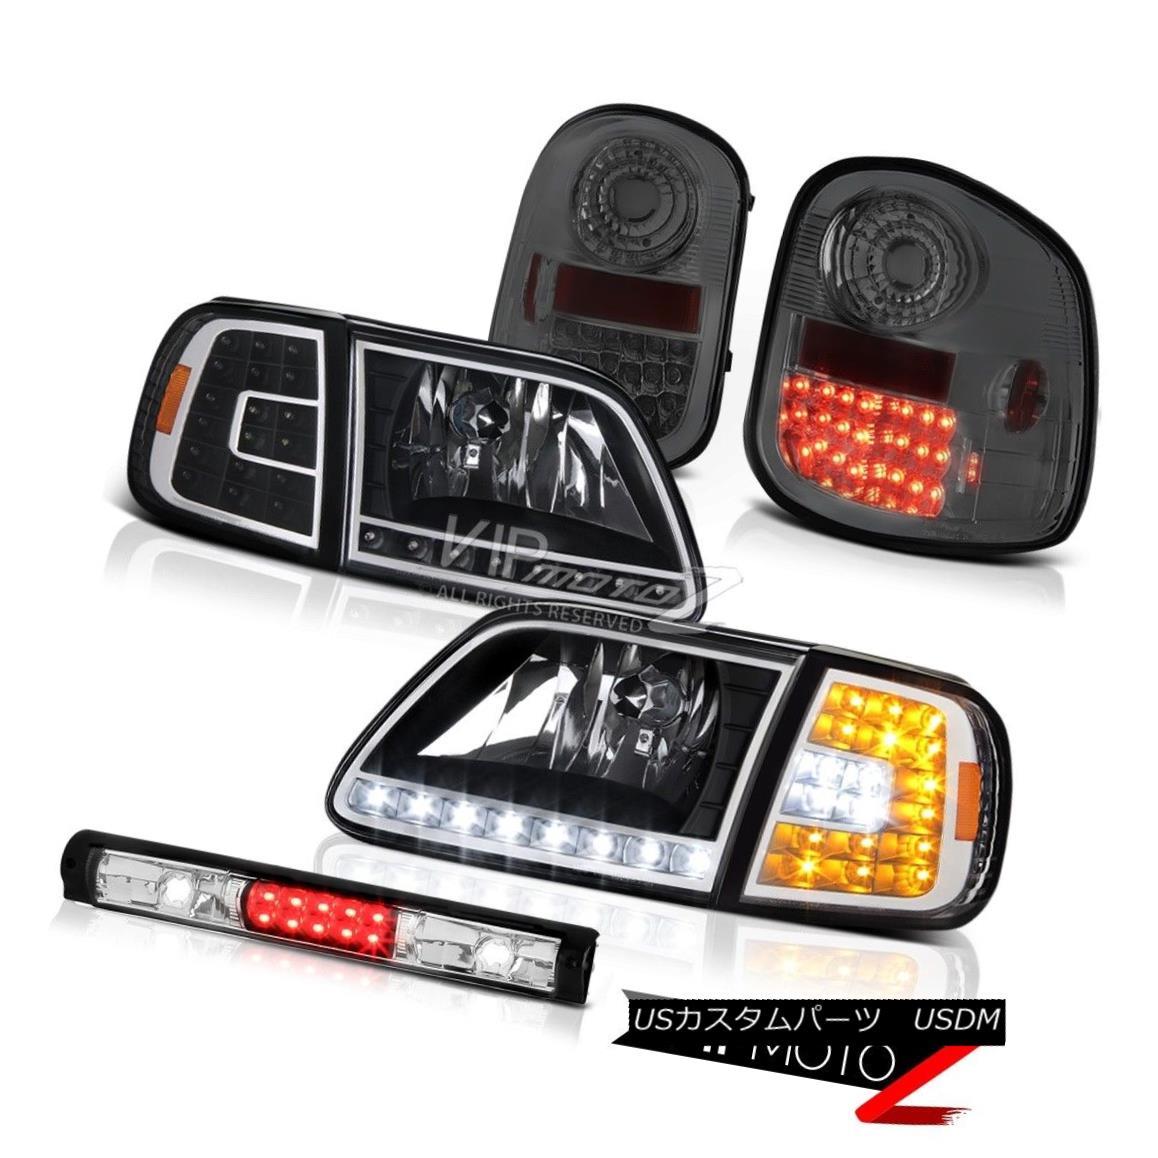 テールライト Bumper SMD Headlights Smoke LED Taillights 3rd 97-03 F150 Flareside Lightning バンパーSMDヘッドライト煙LEDテールライト第3回97-03 F150 Flareside Lightning